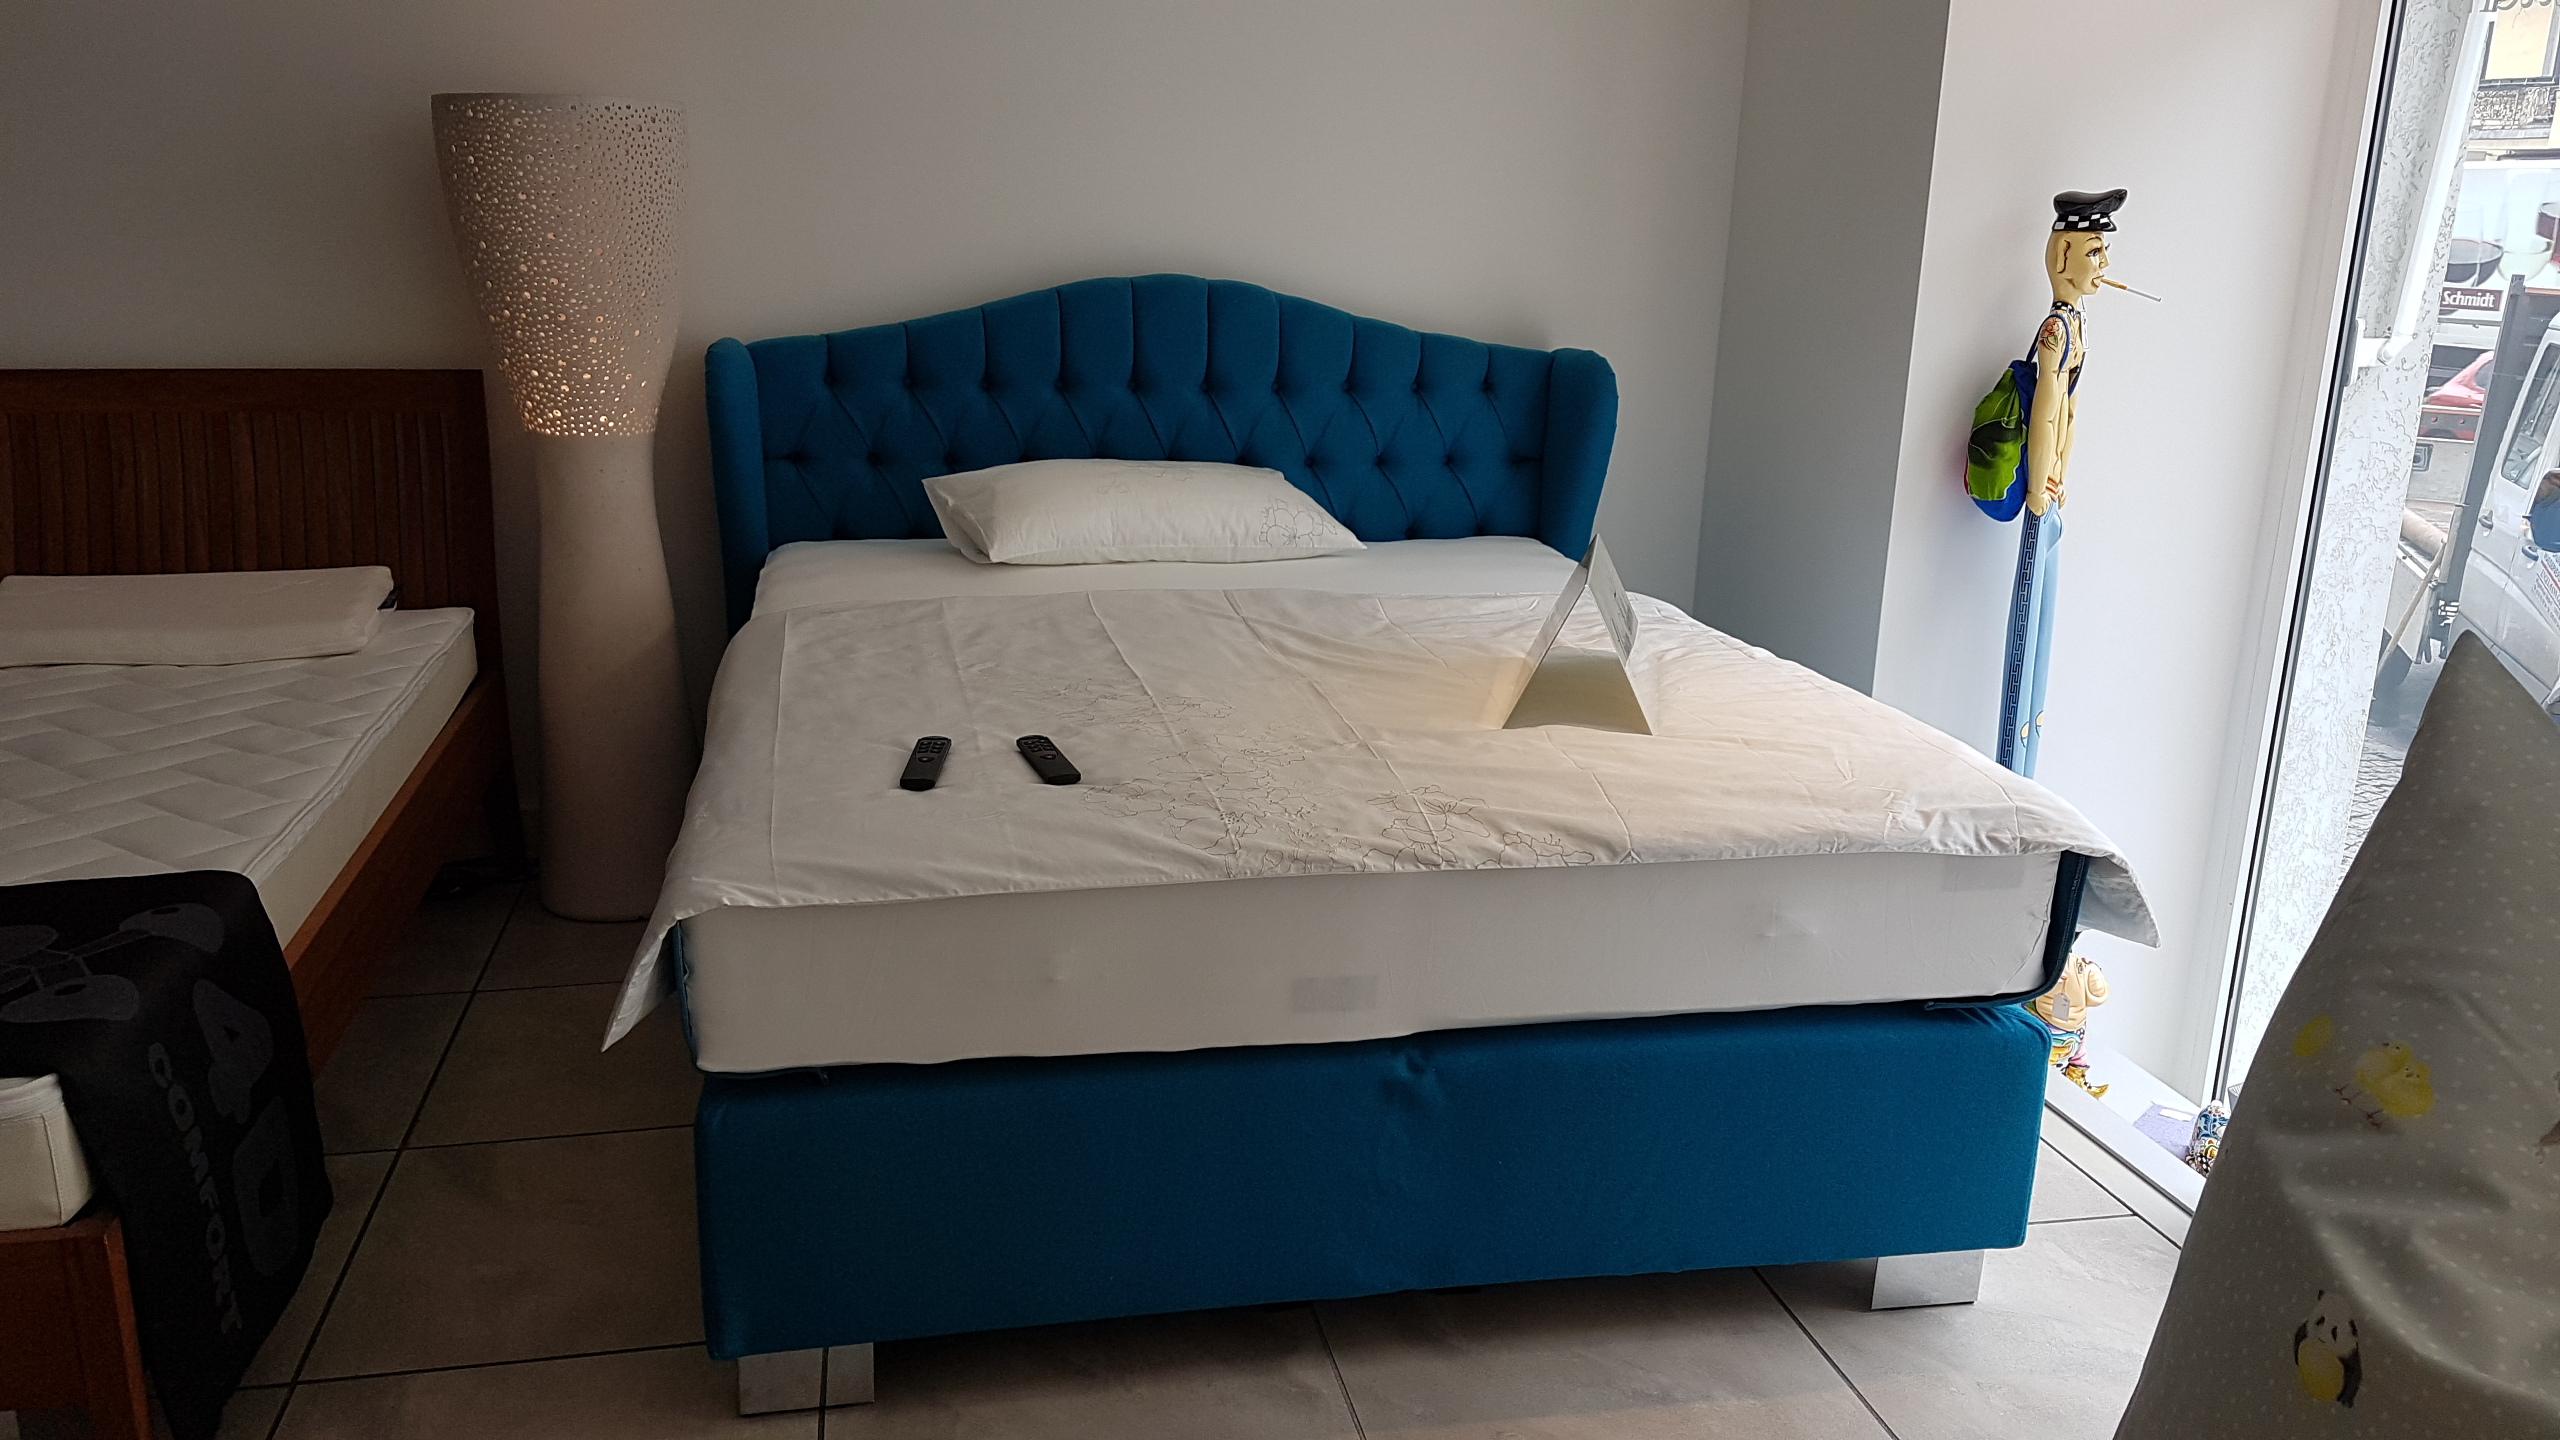 betten in berlin lattenroste. Black Bedroom Furniture Sets. Home Design Ideas